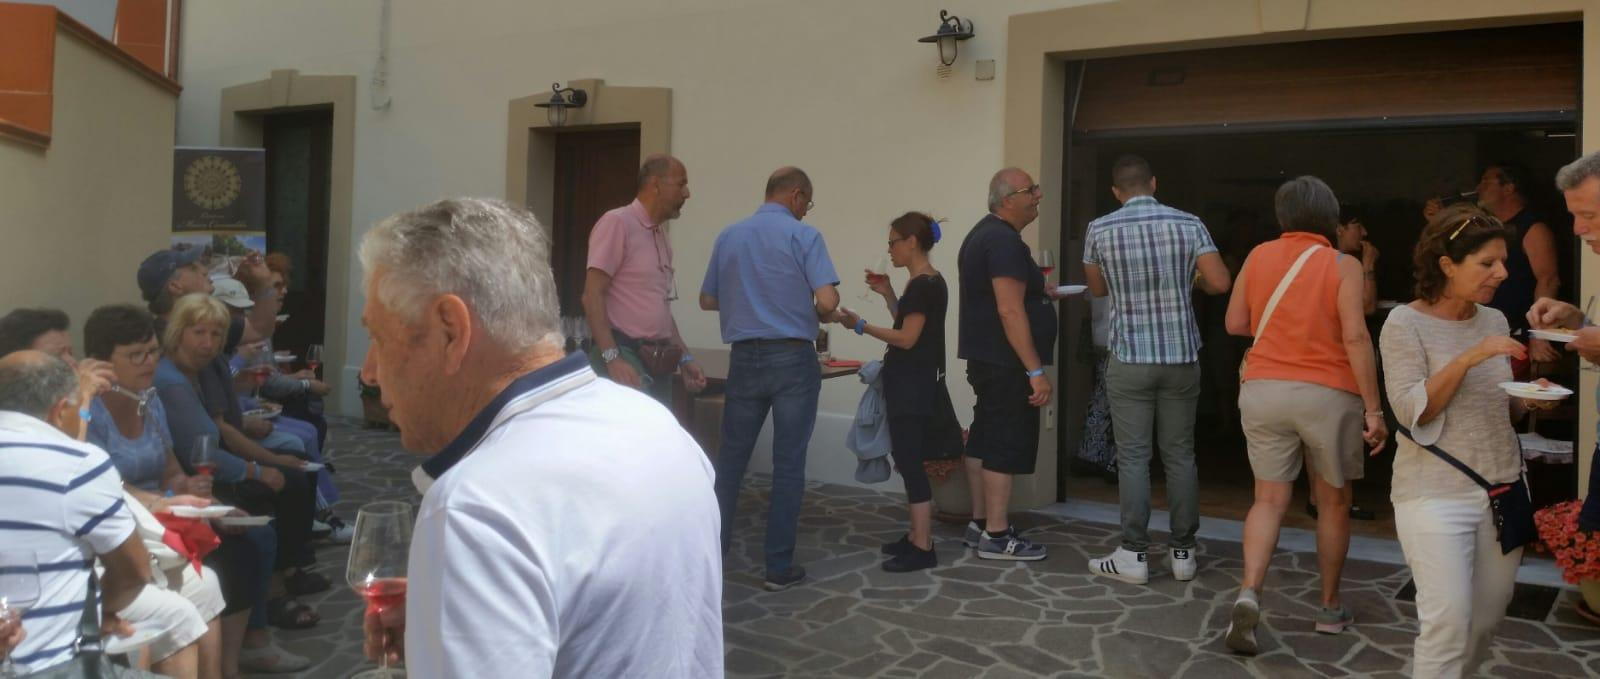 #cantinacanneddu #vigna #cannonau #visite #accoglienza #mamoiada #mamojà #territorio